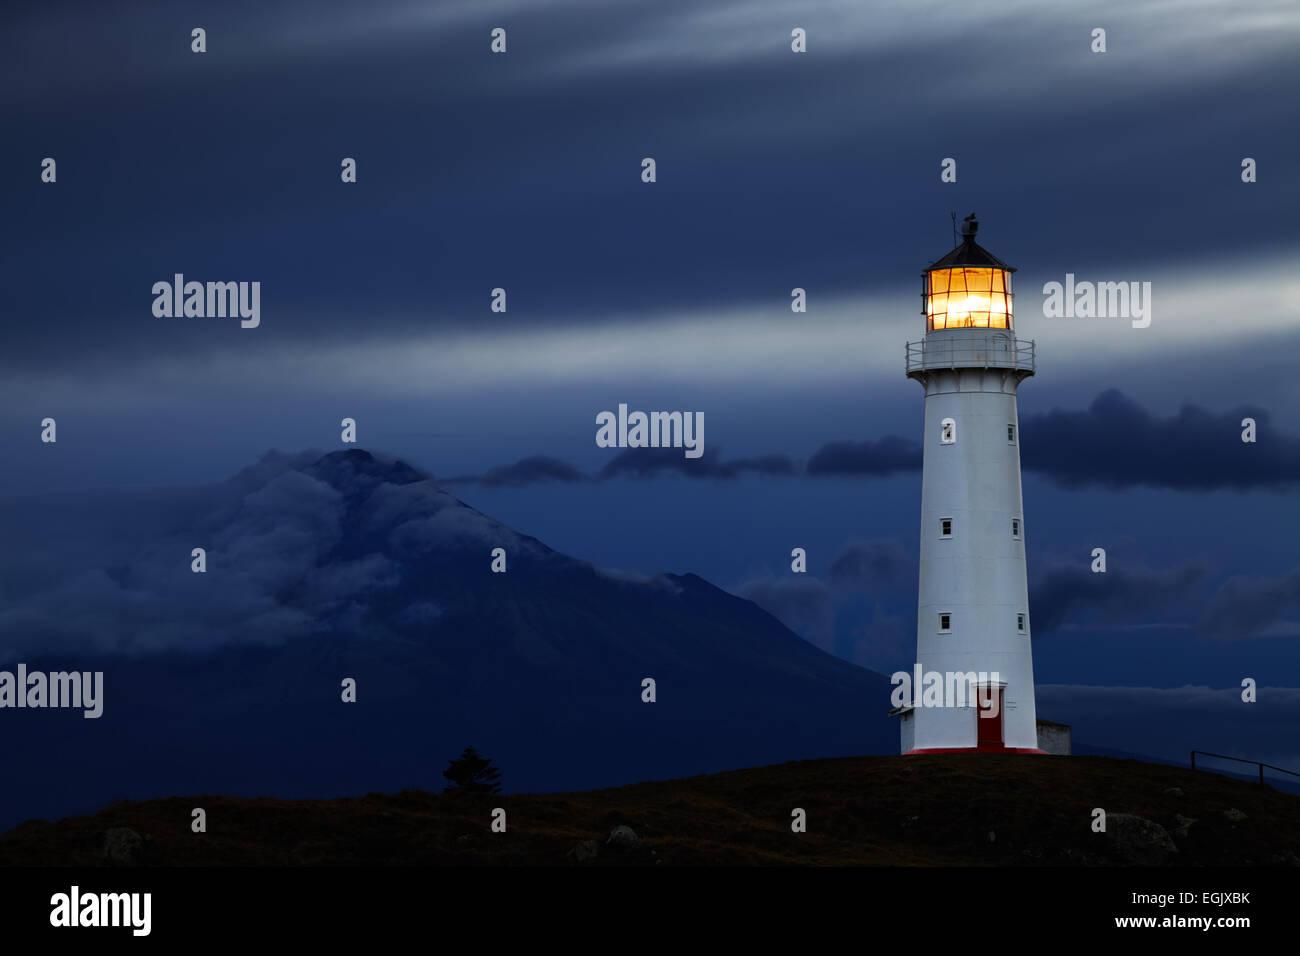 Cape Egmont Lighthouse and Taranaki Mount on background, New Zealand - Stock Image